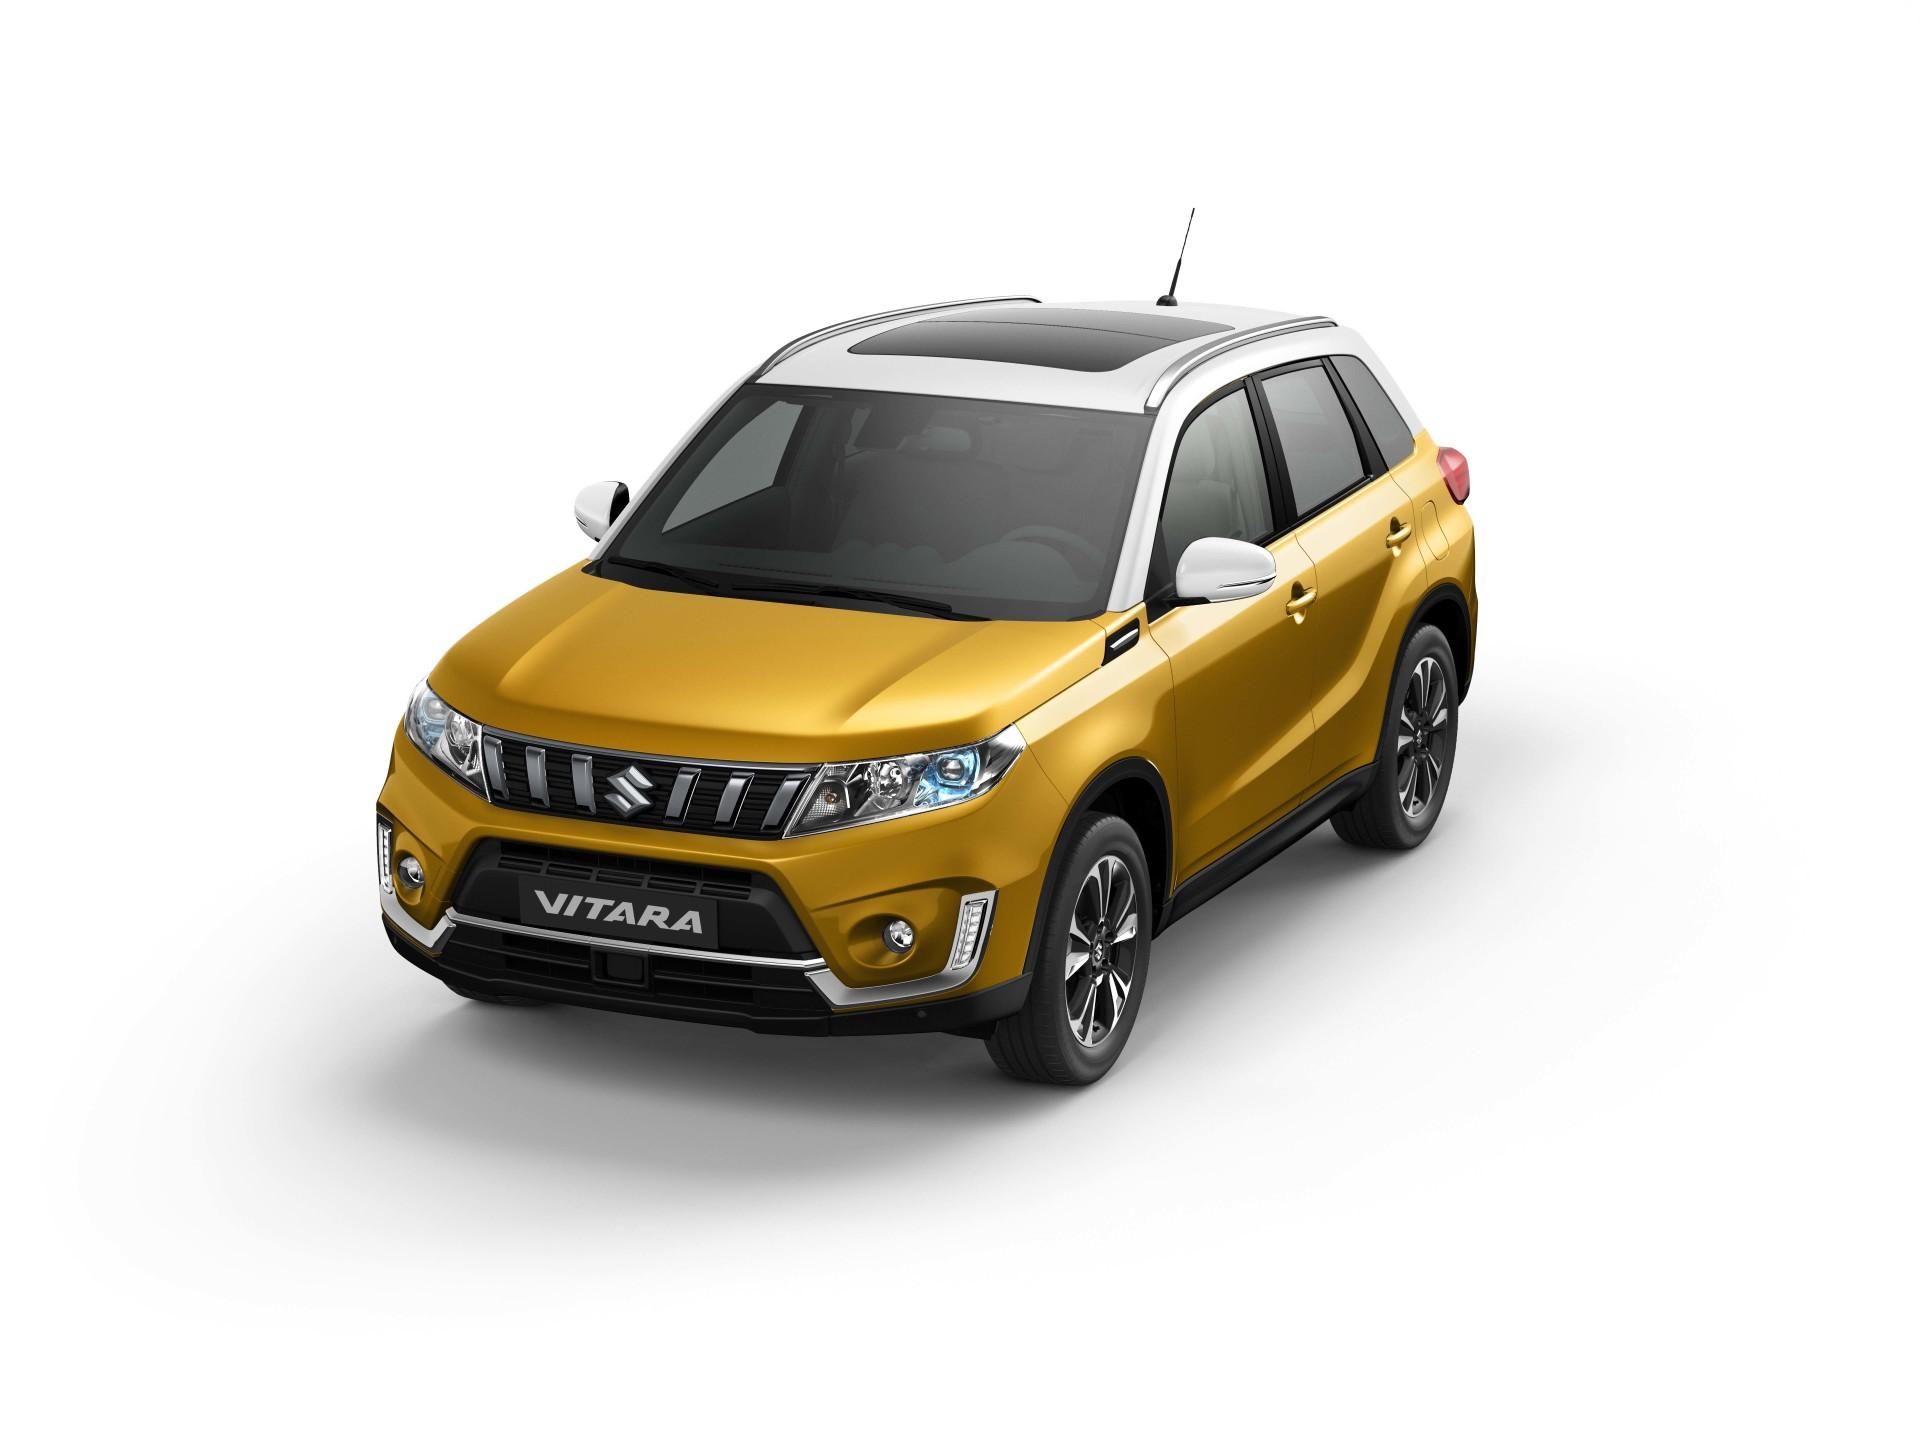 Suzuki Vitara 2018 504